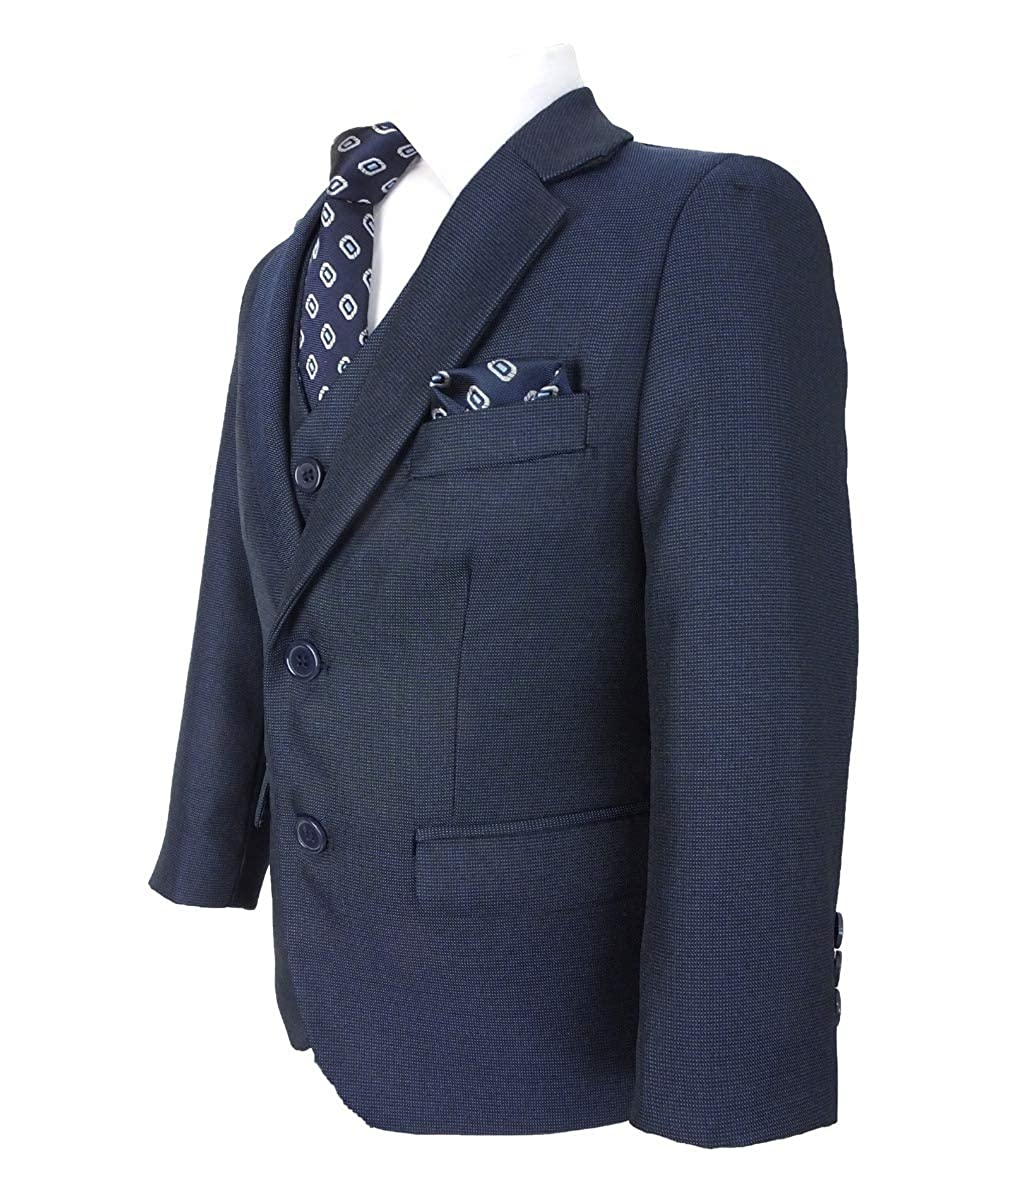 SIRRI Tailored Fit Hochzeitsset Kinder All in One Jungen Anzug 6 Teilig